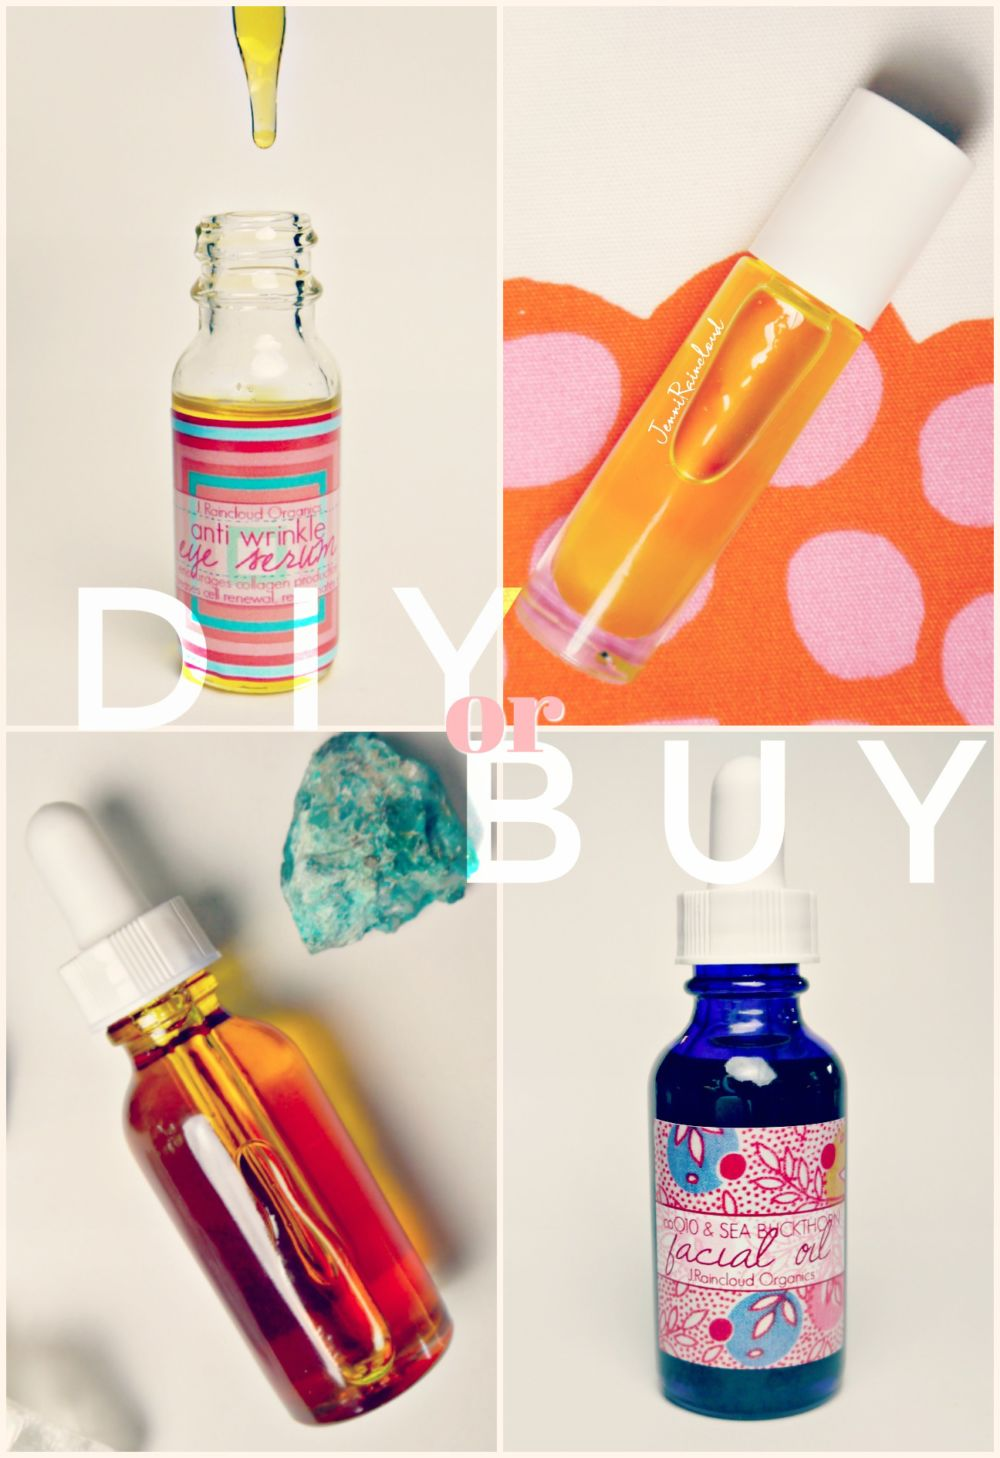 DIY or BUY coQ10 Sea Buckthorn Facial Oil